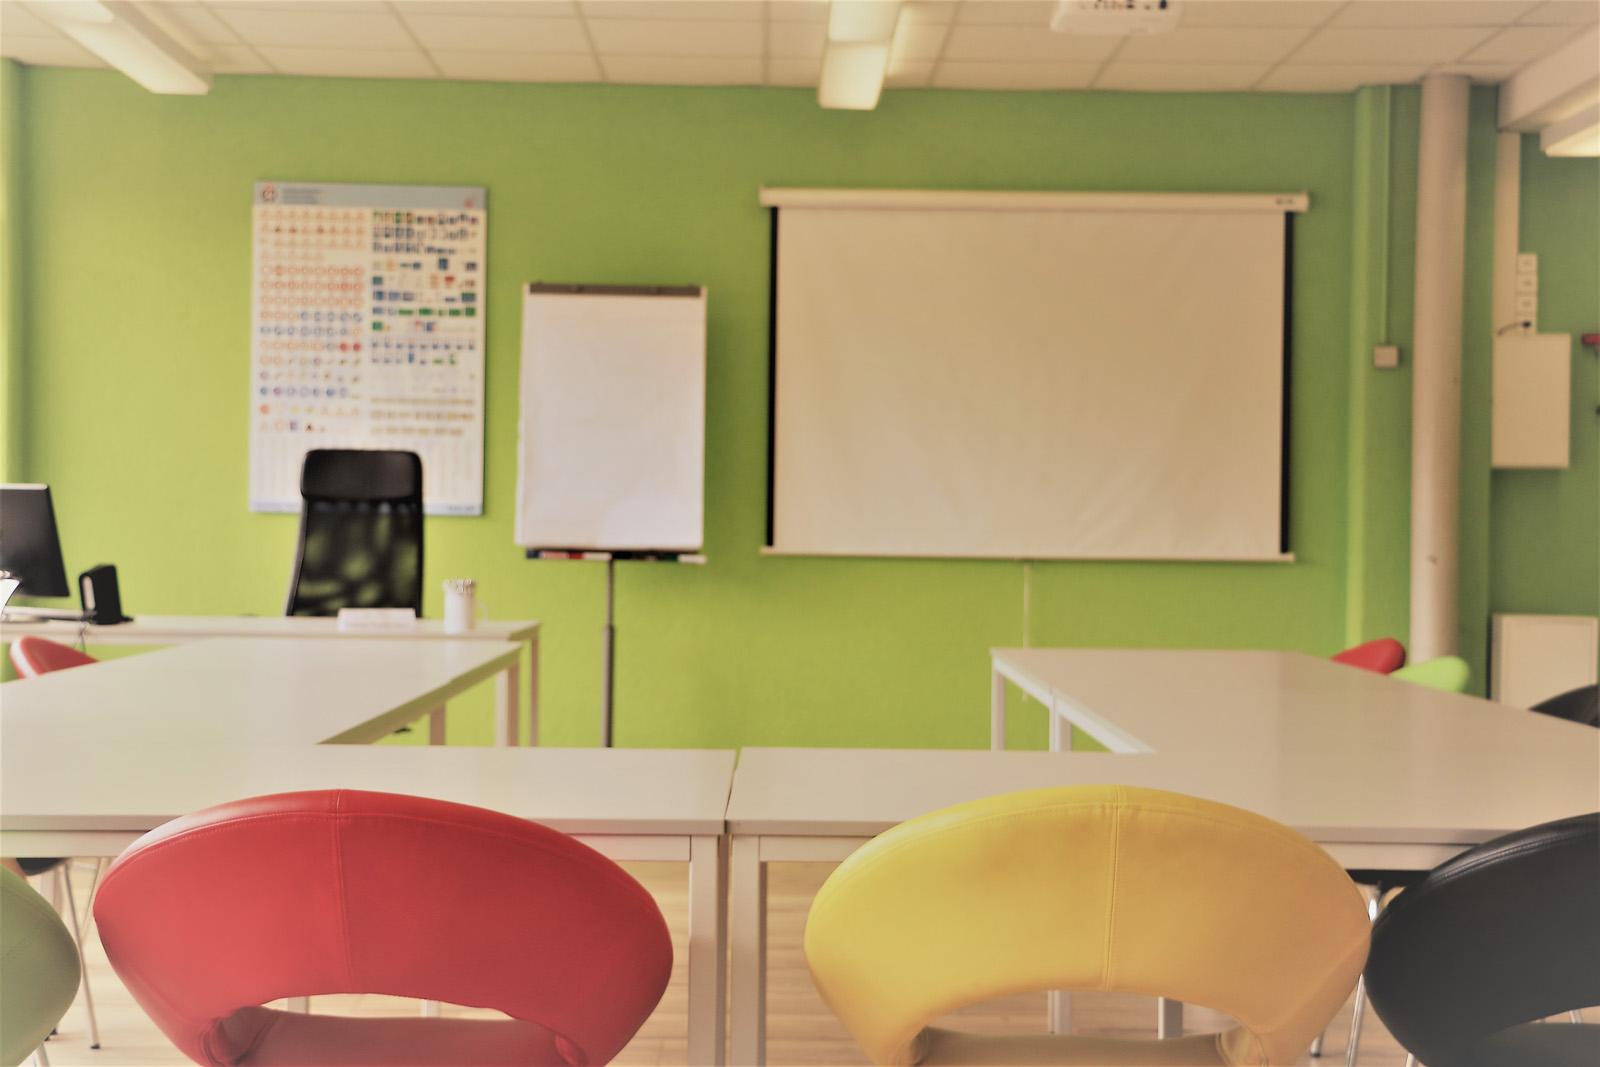 Fahrschule Aare Lokal Schulungsraum